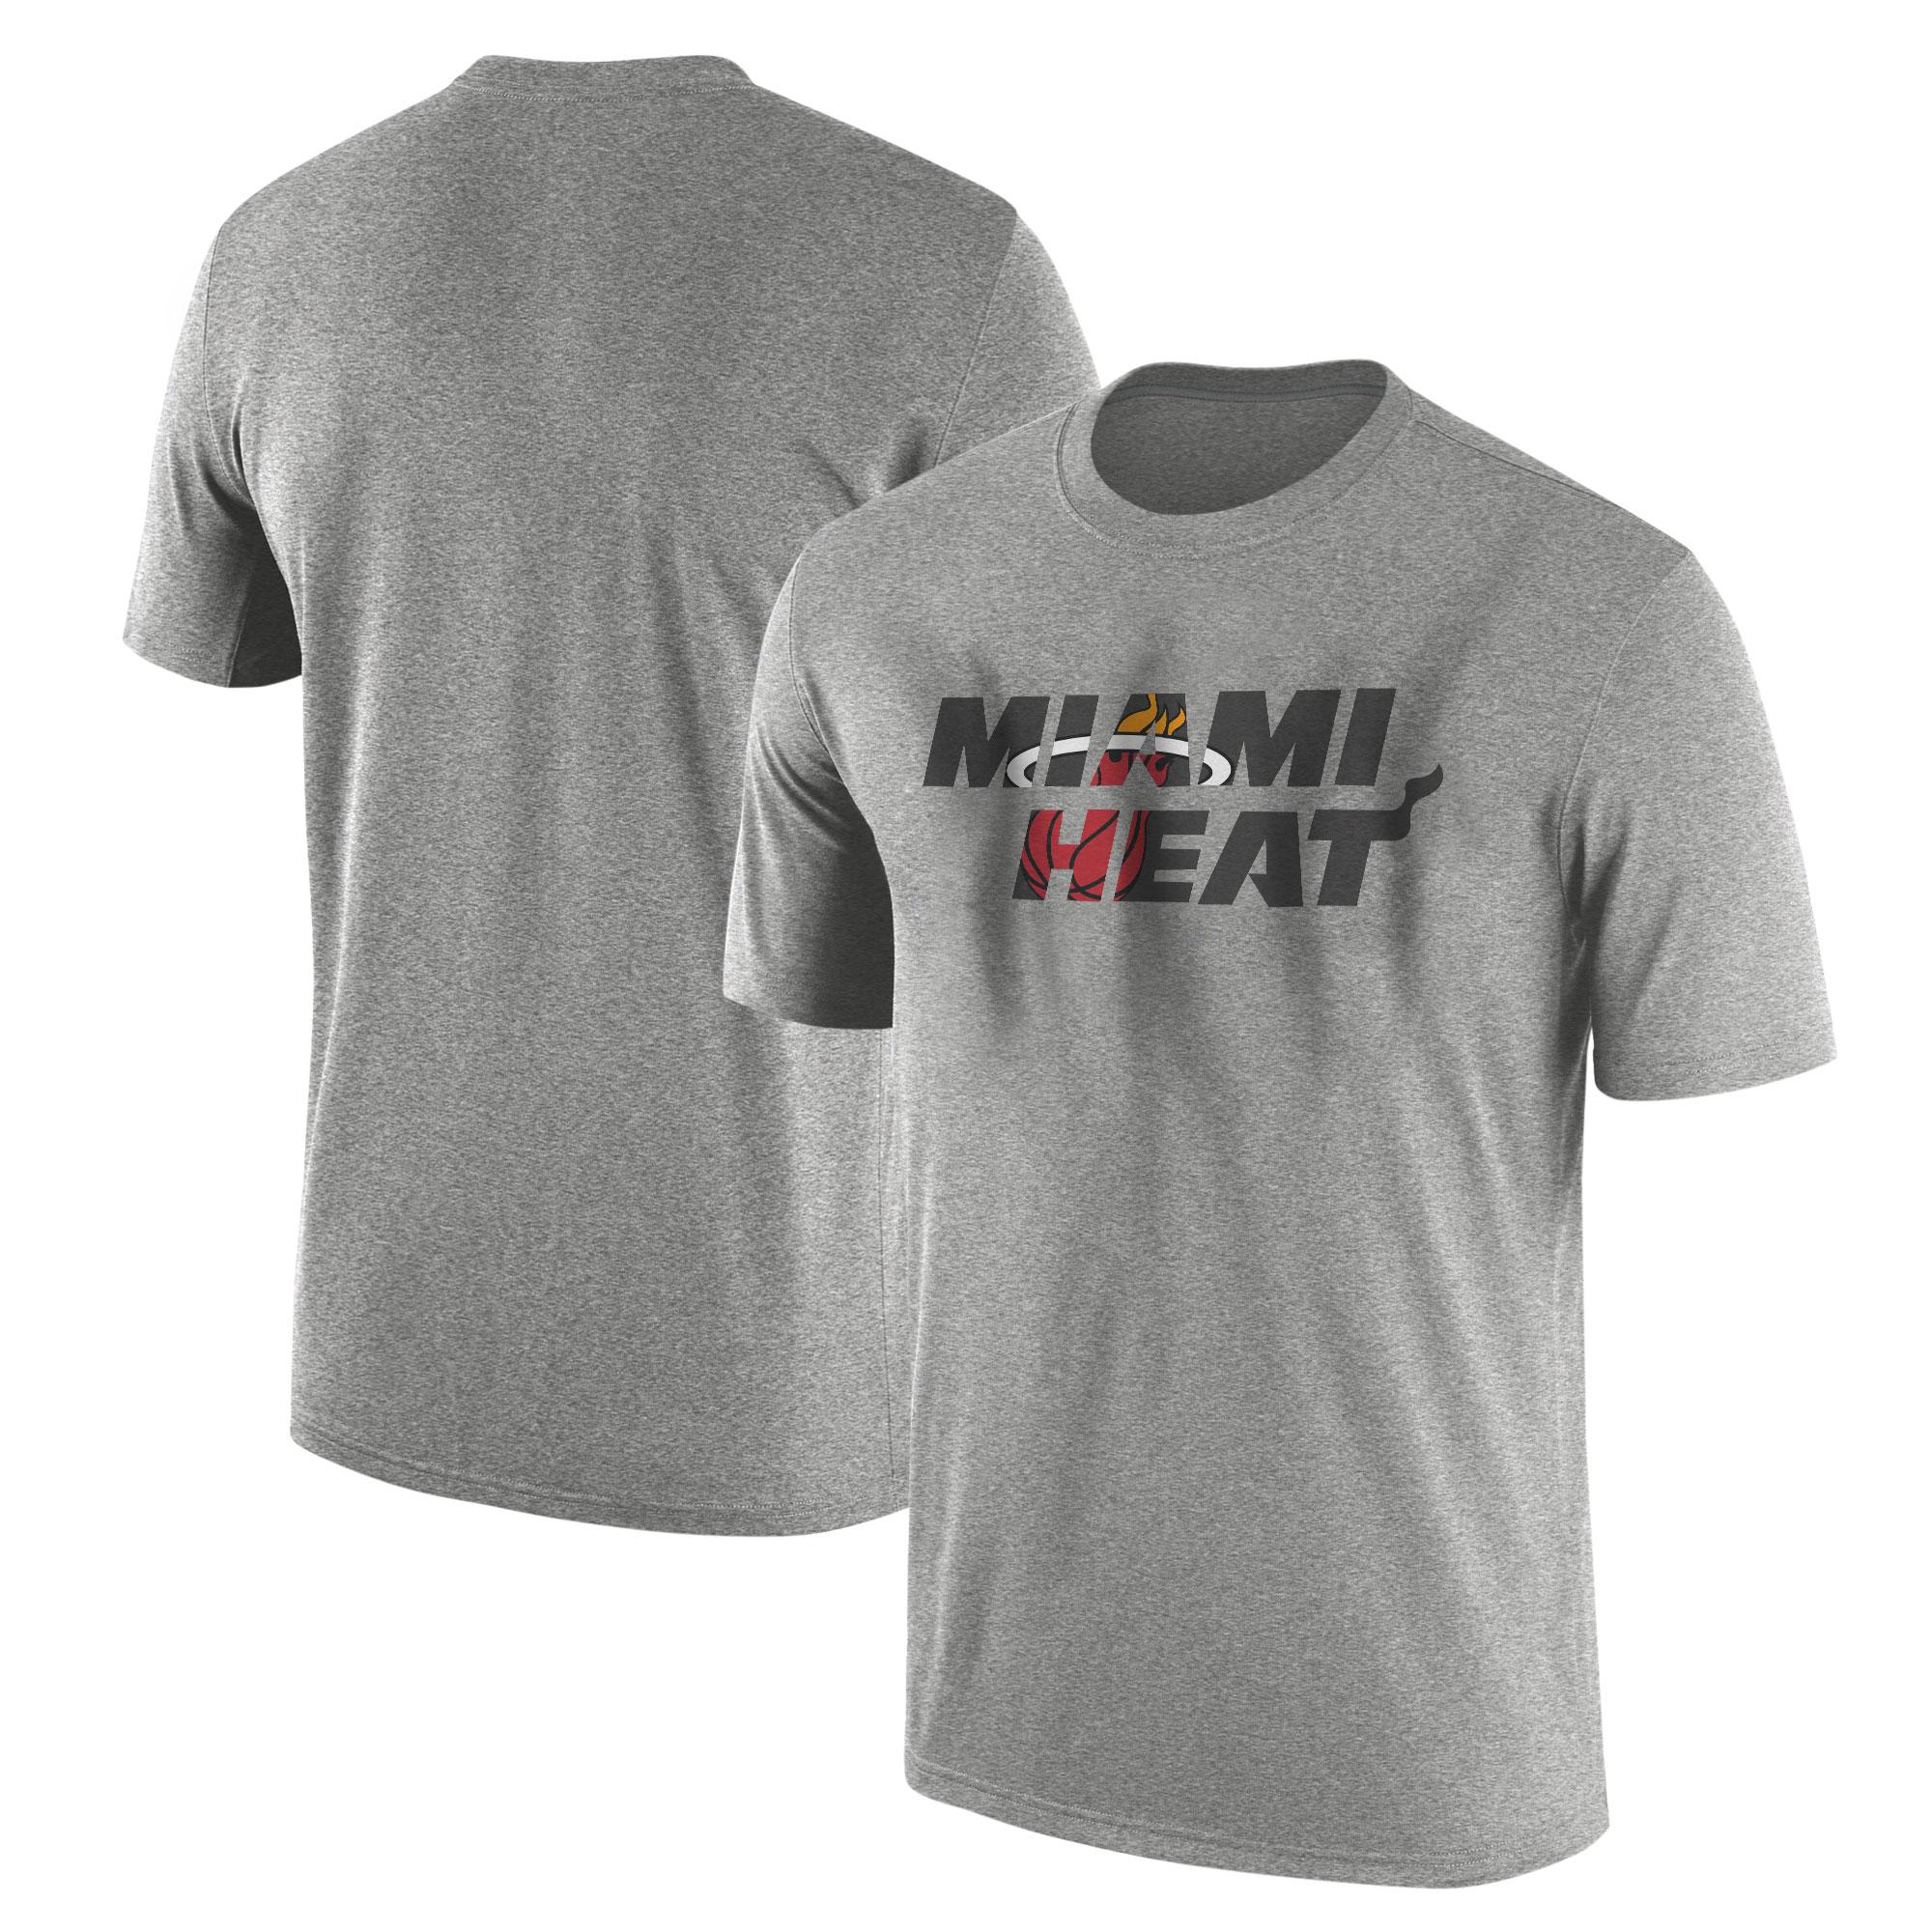 Miami Heat Tshirt (TSH-wht-371-miami)